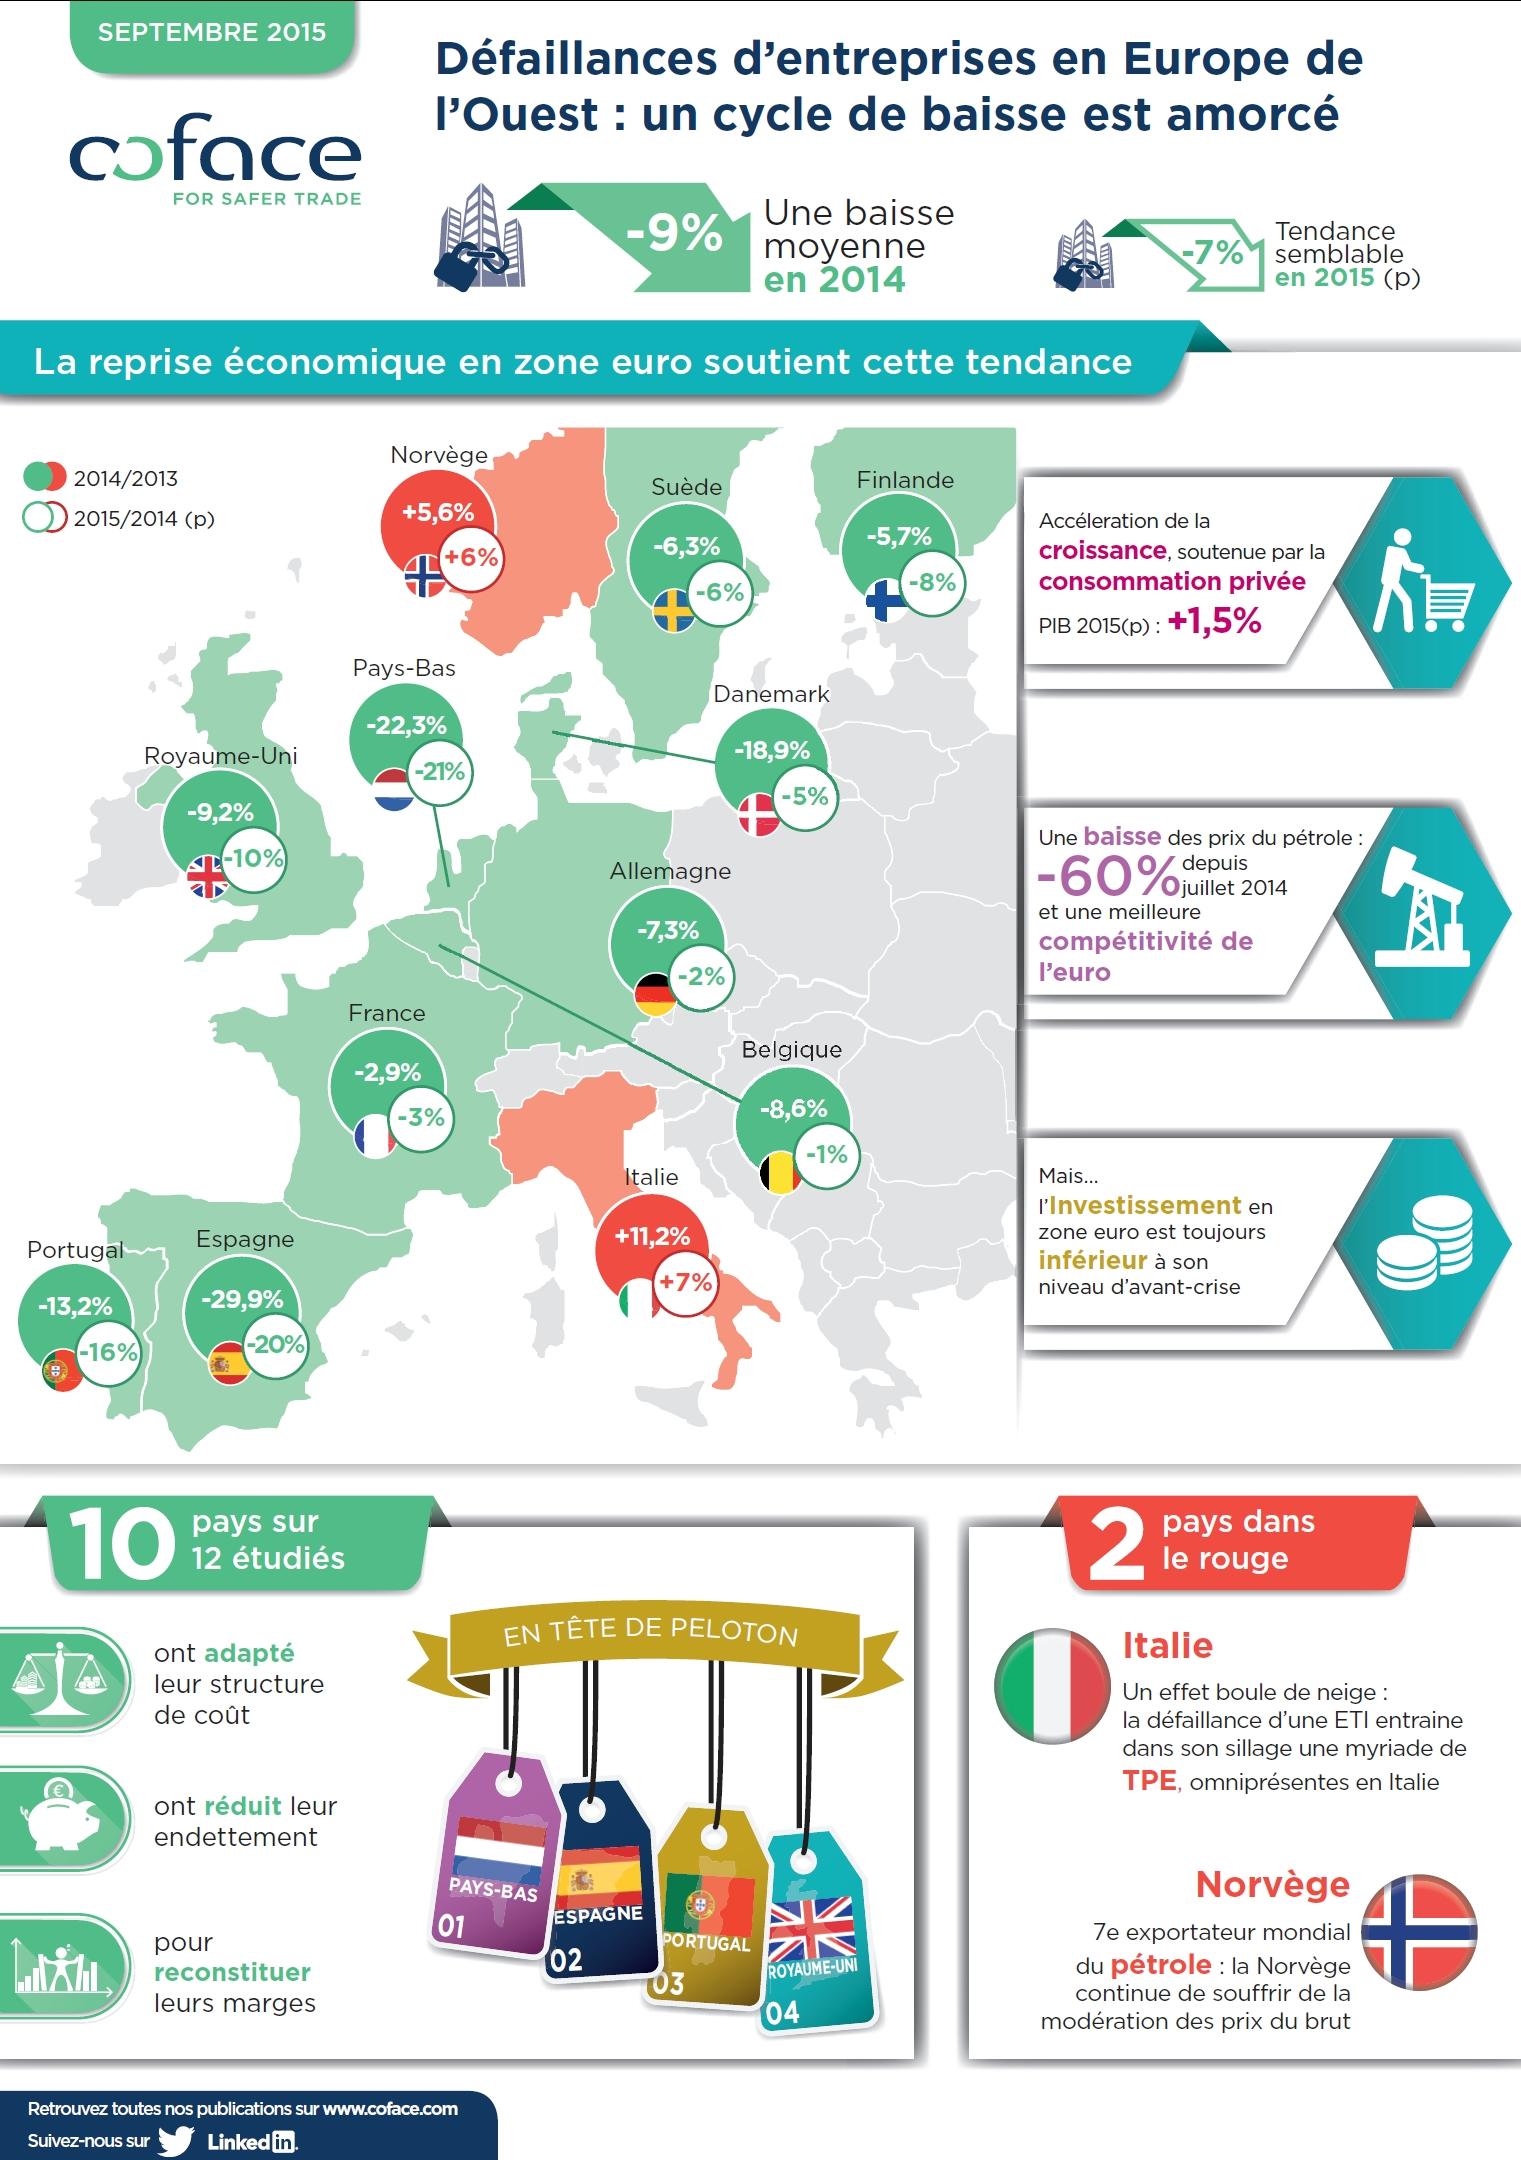 Défaillances d'entreprises en Europe de l'Ouest : baisse de 7% attendue en 2015